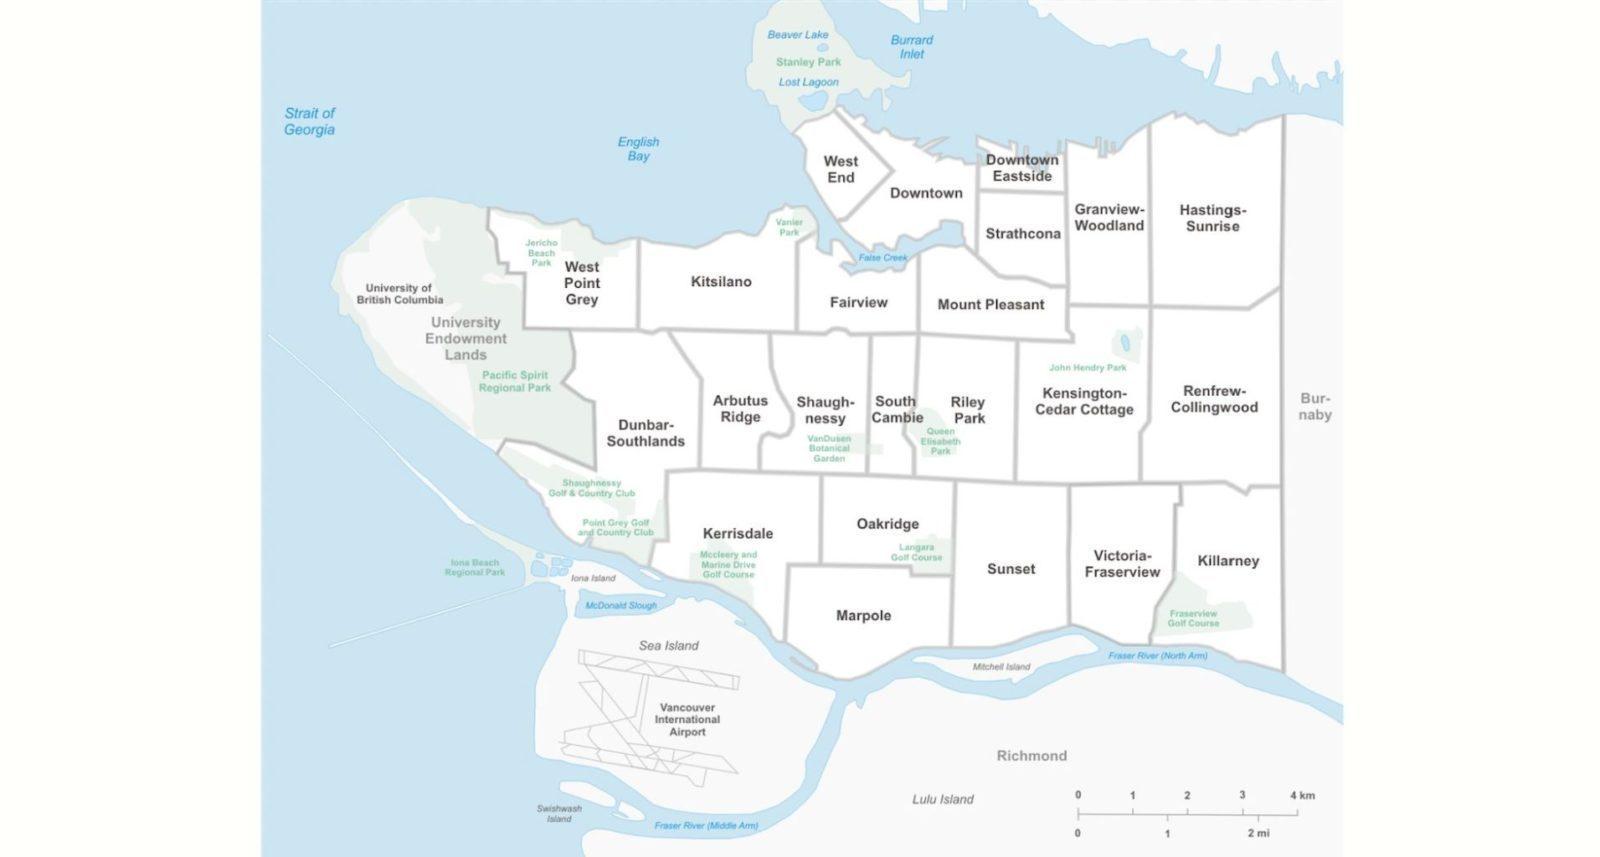 neighbourhoods of Vancouver